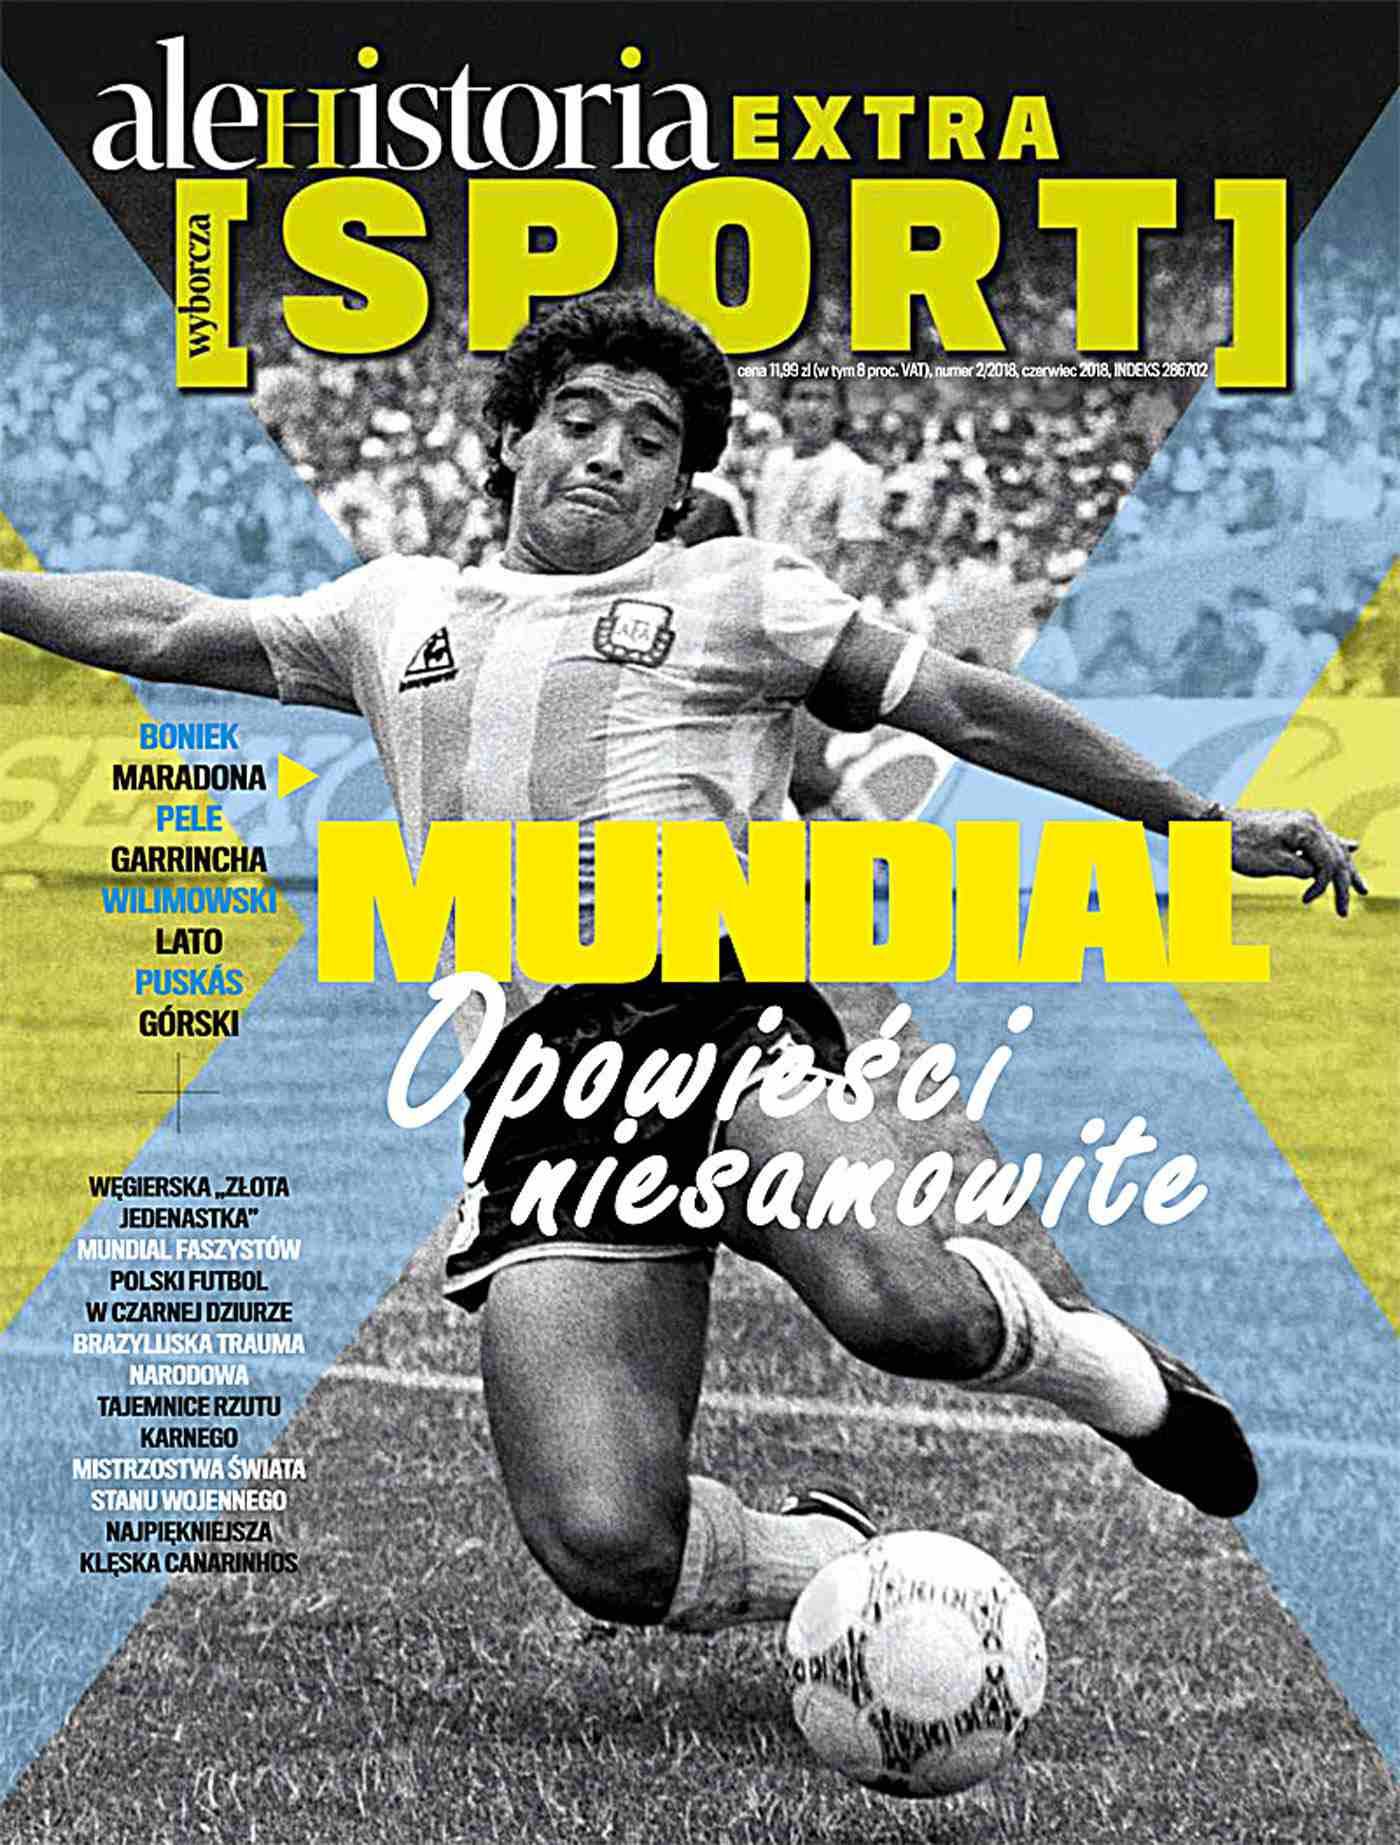 Ale Historia Extra. Mundial. Opowieści niesamowite 2/2018 - Ebook (Książka PDF) do pobrania w formacie PDF